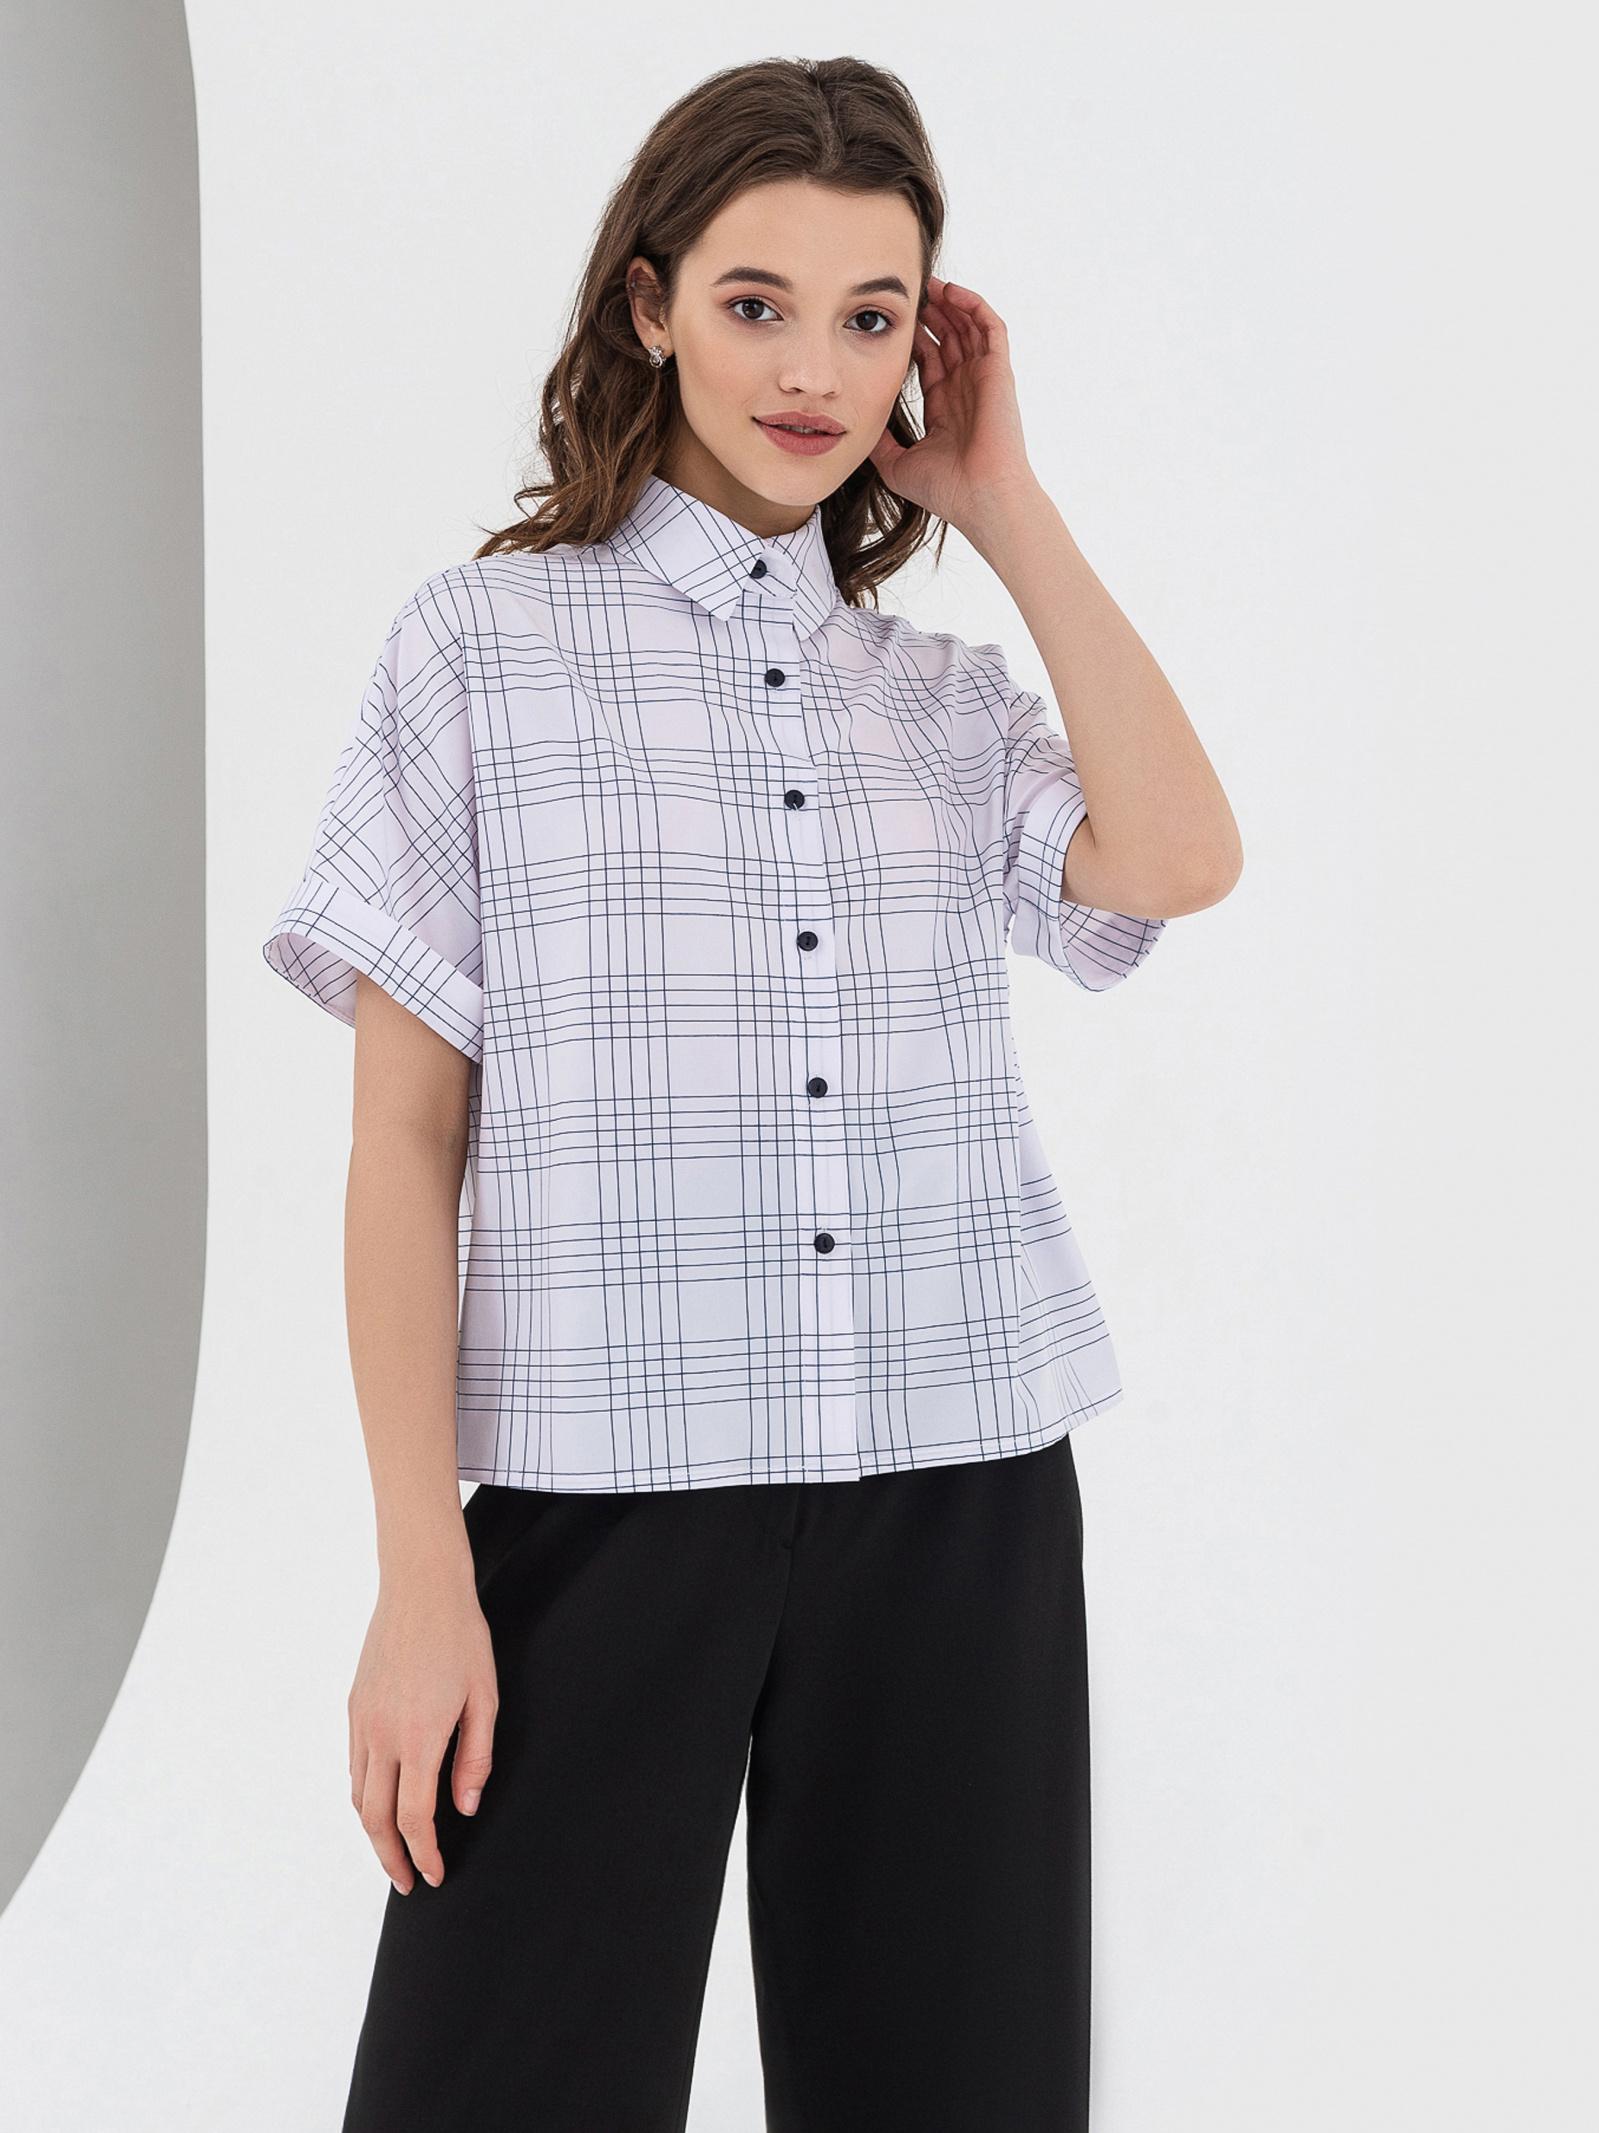 VOVK Блуза жіночі модель 05823 клітинка купити, 2017